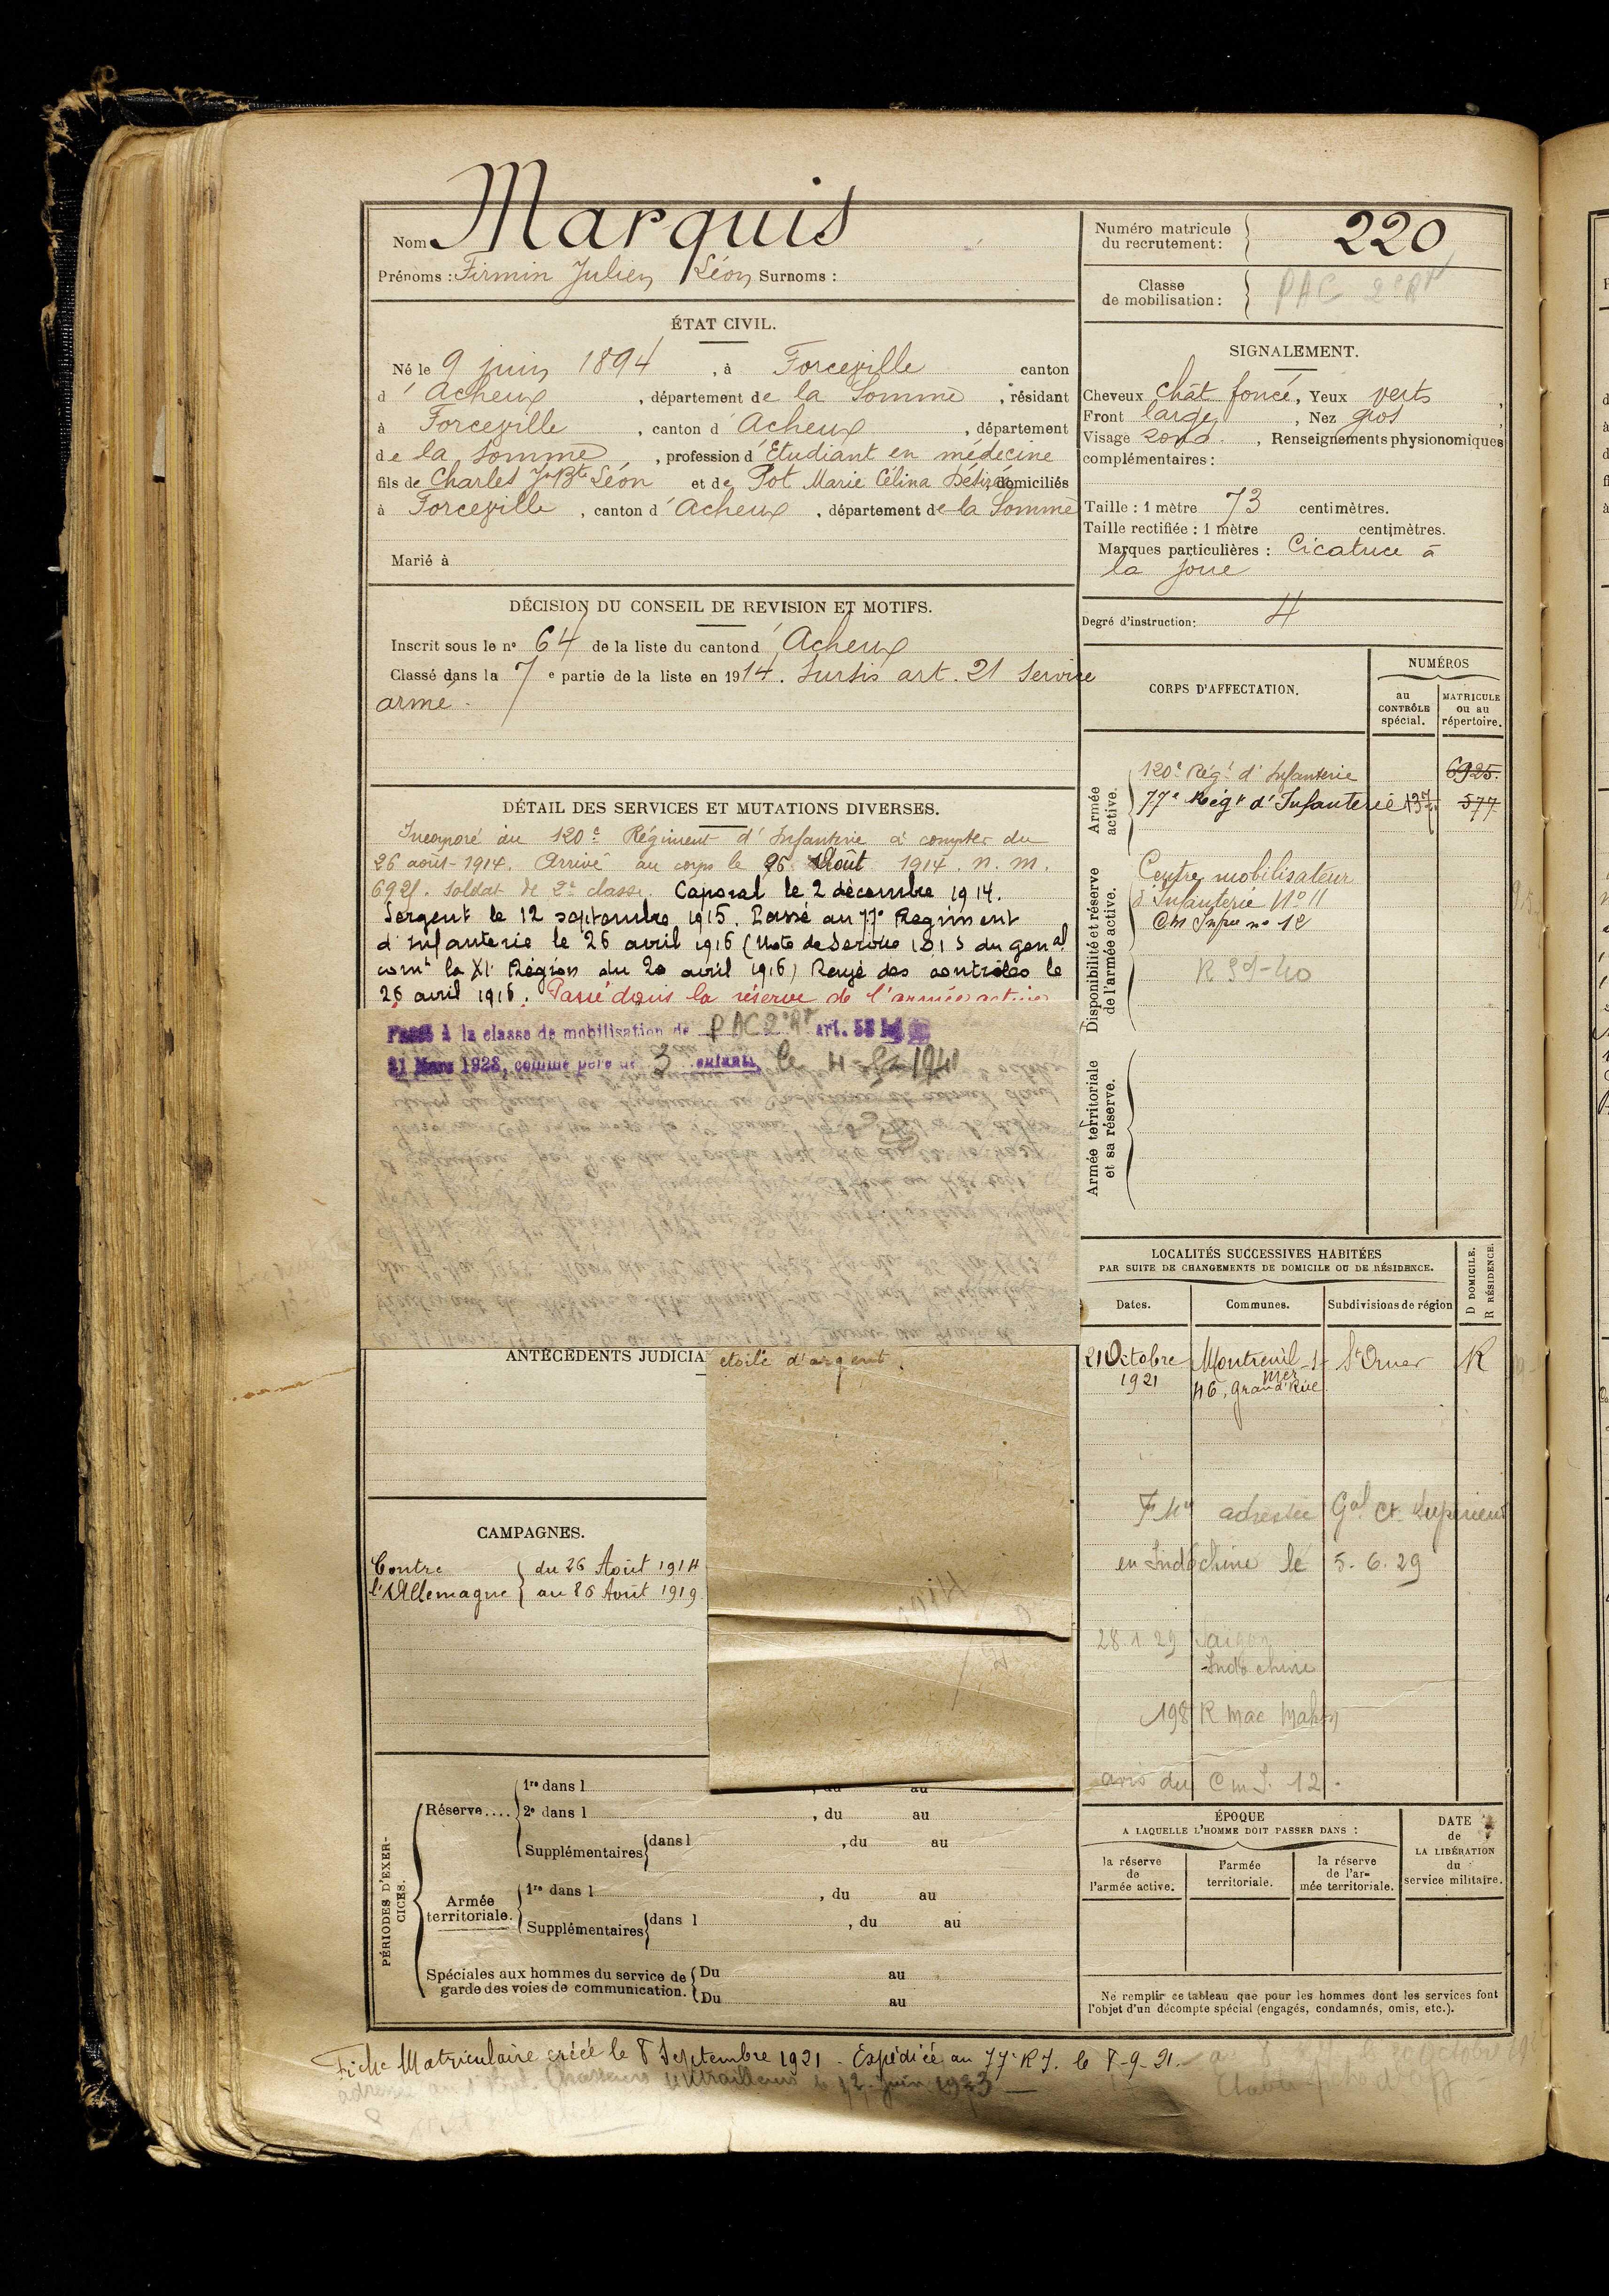 Site : Archives départementales de la Somme